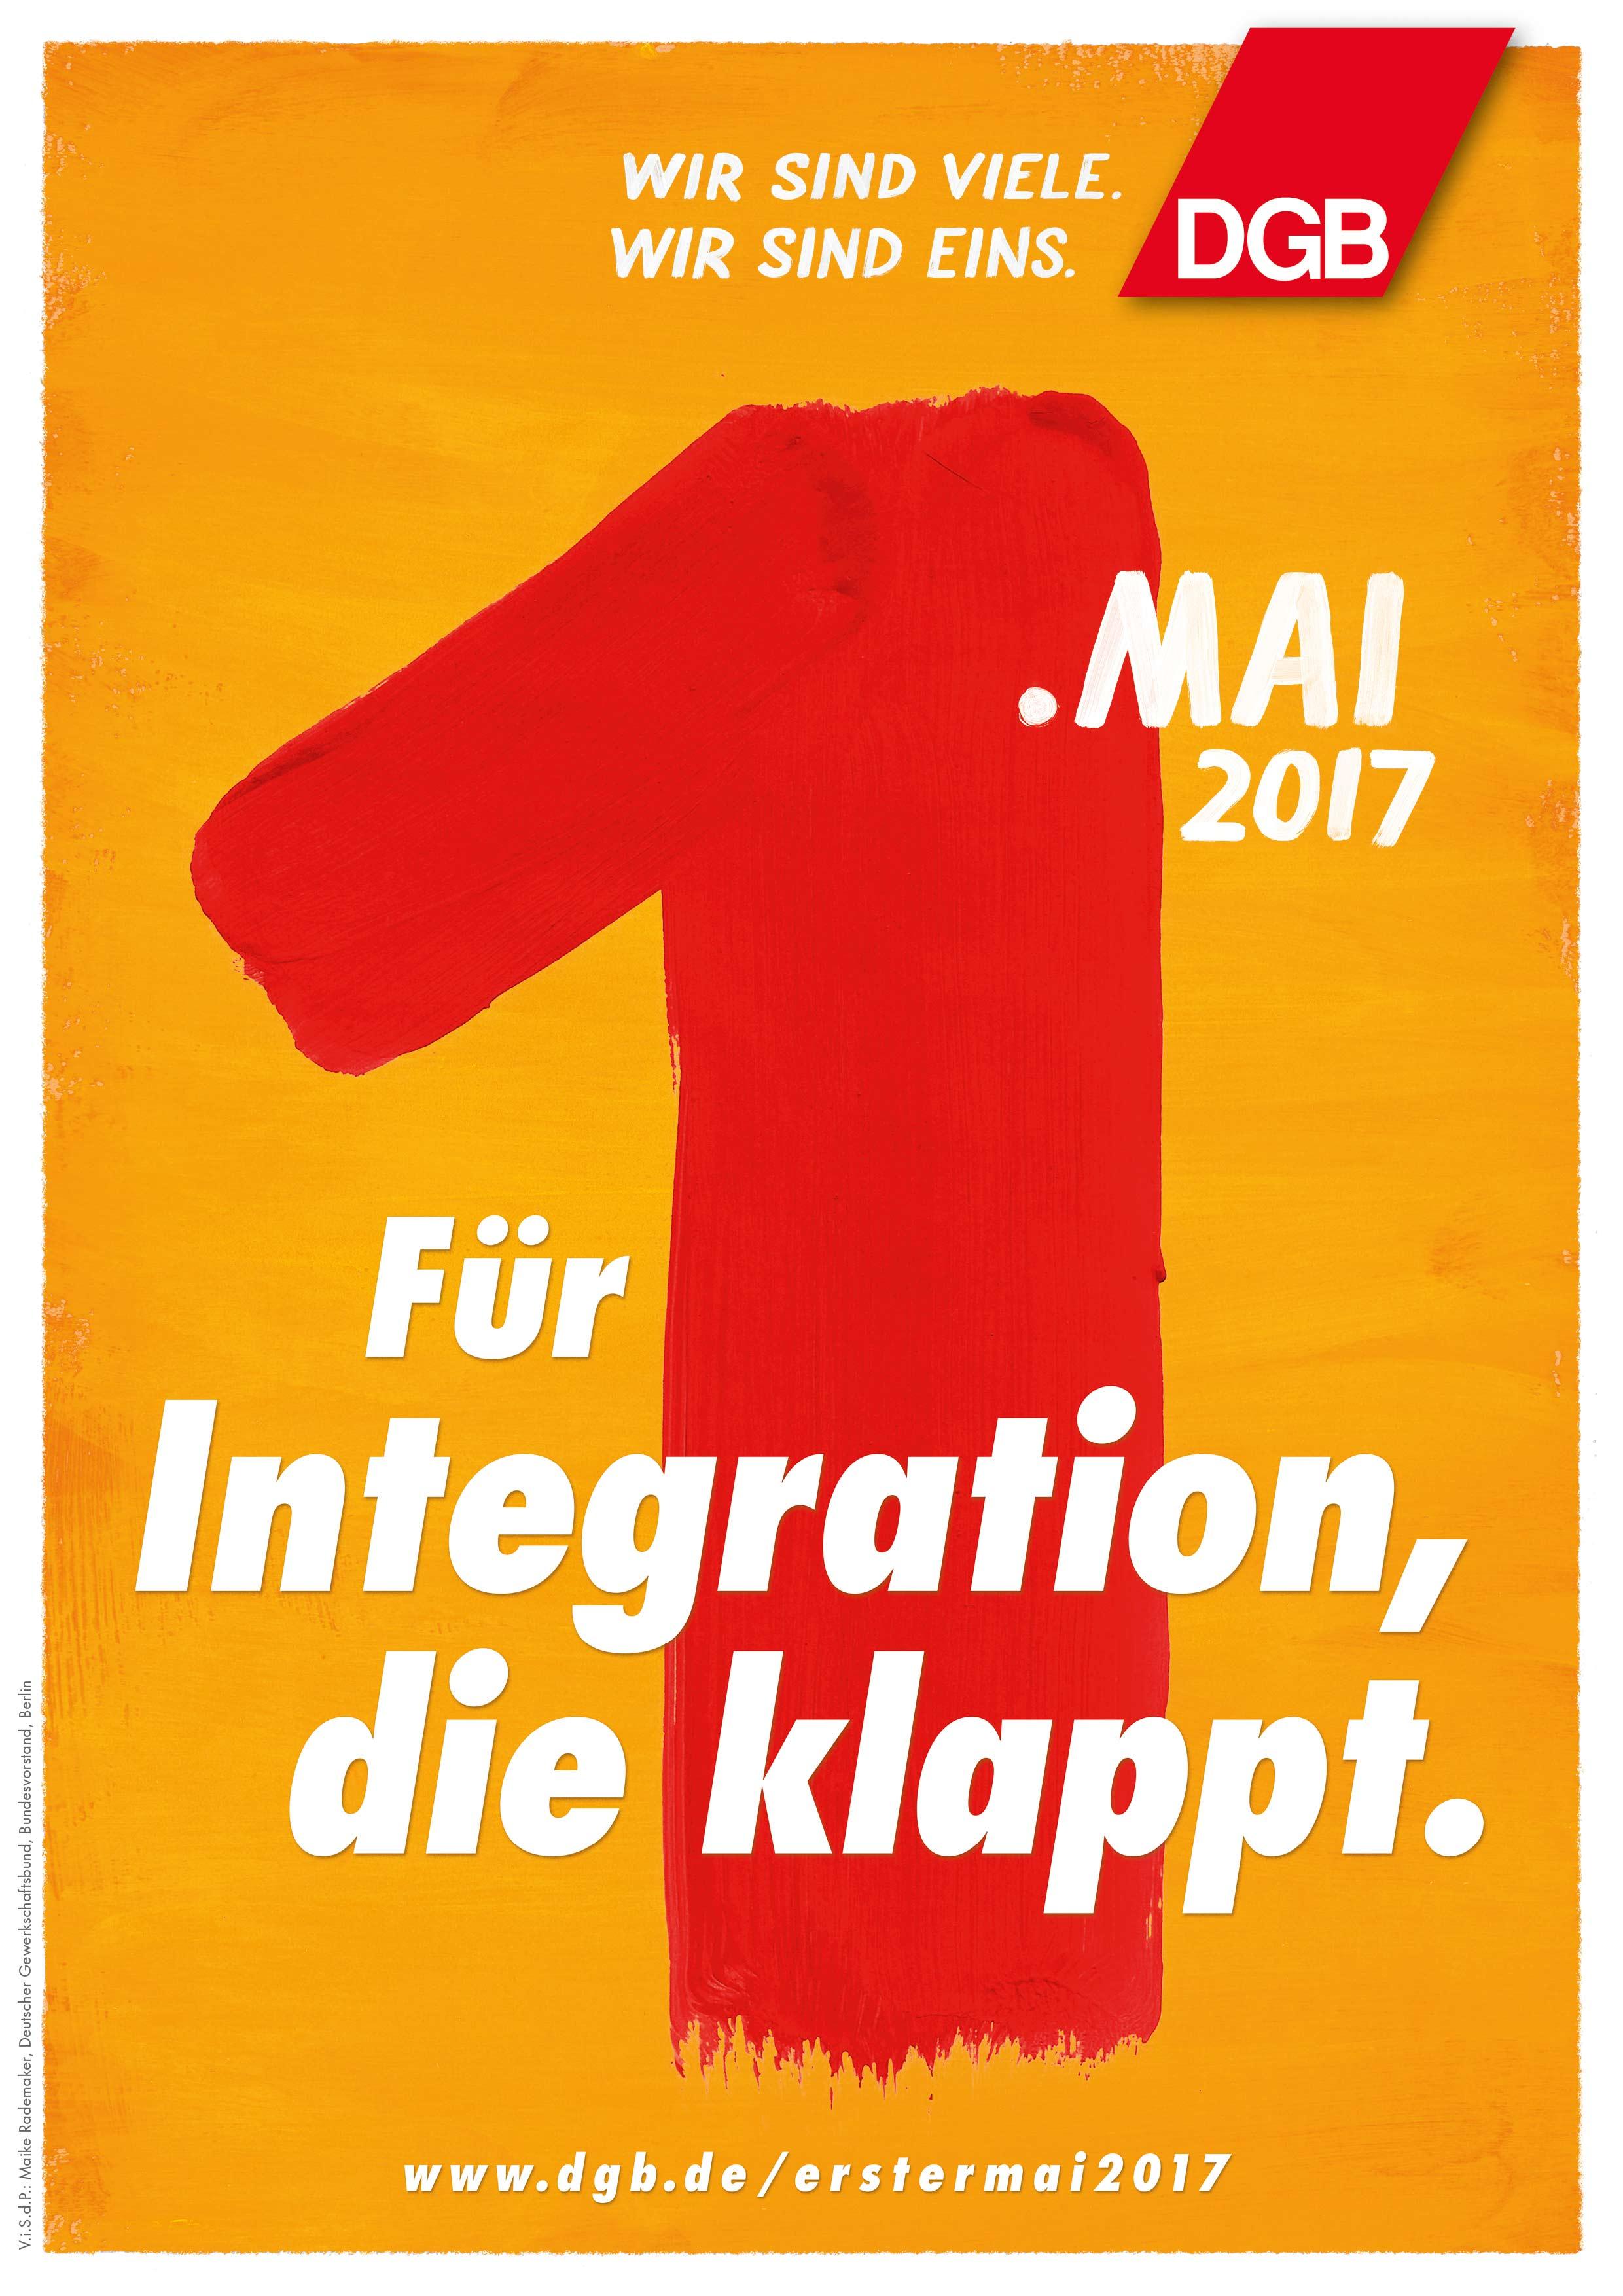 Für Integration, die klappt - DGB 1. Mai 2017